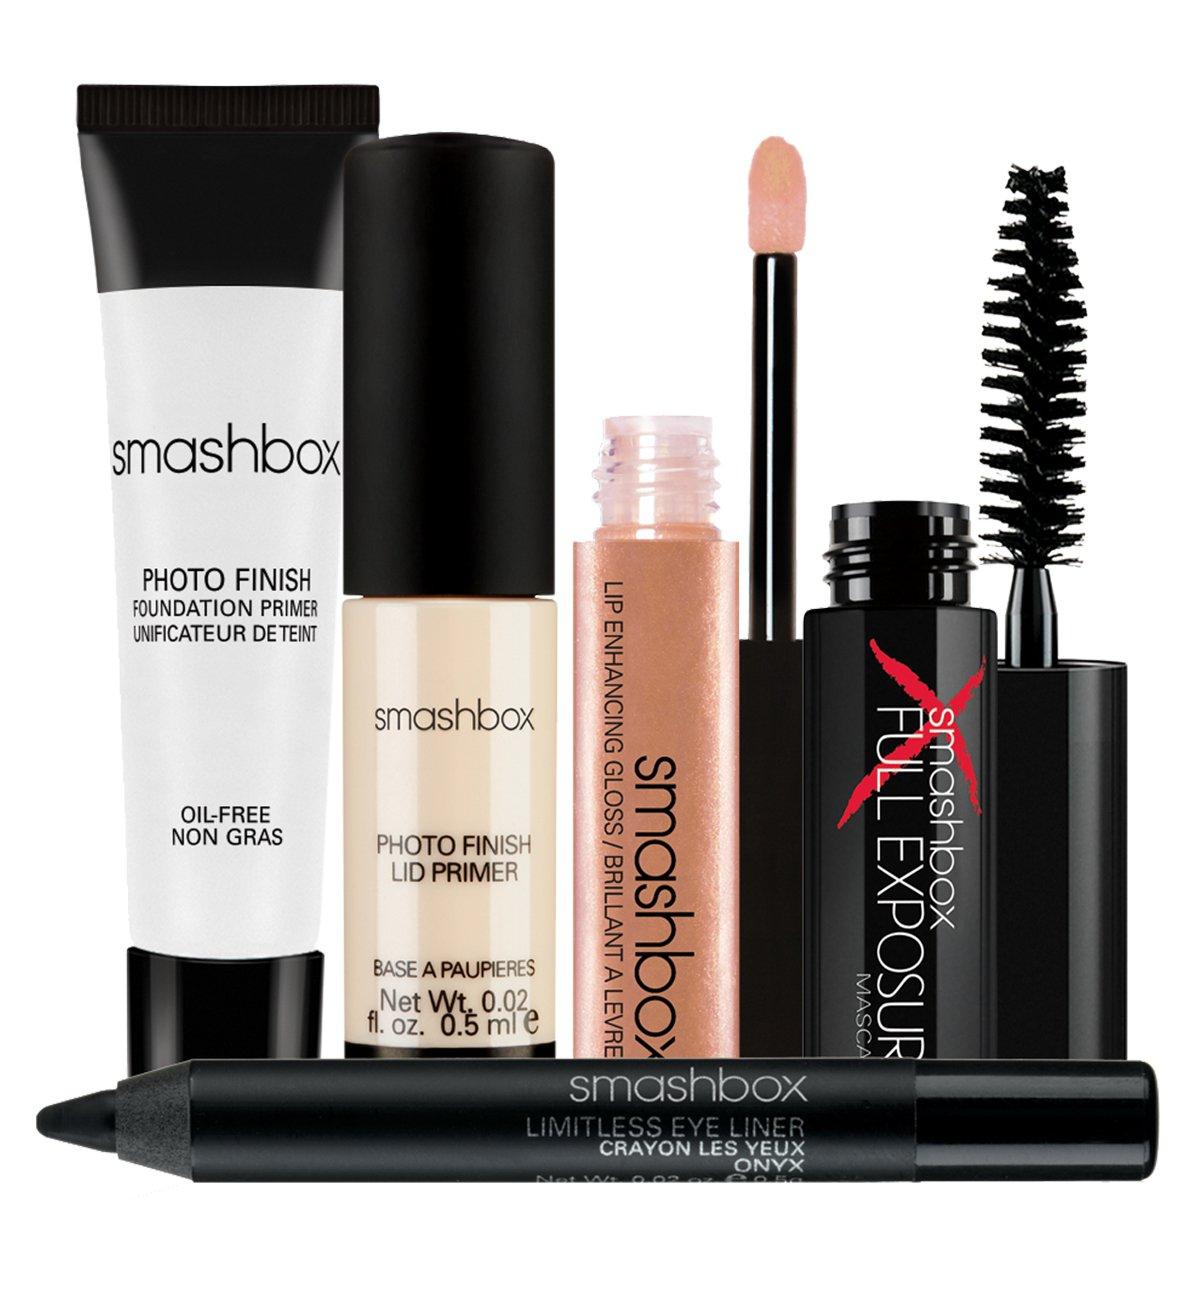 Открытие профессиональной марки smashbox в рив гош на цветном! новинки производителей косметики, новости для профессионального в.